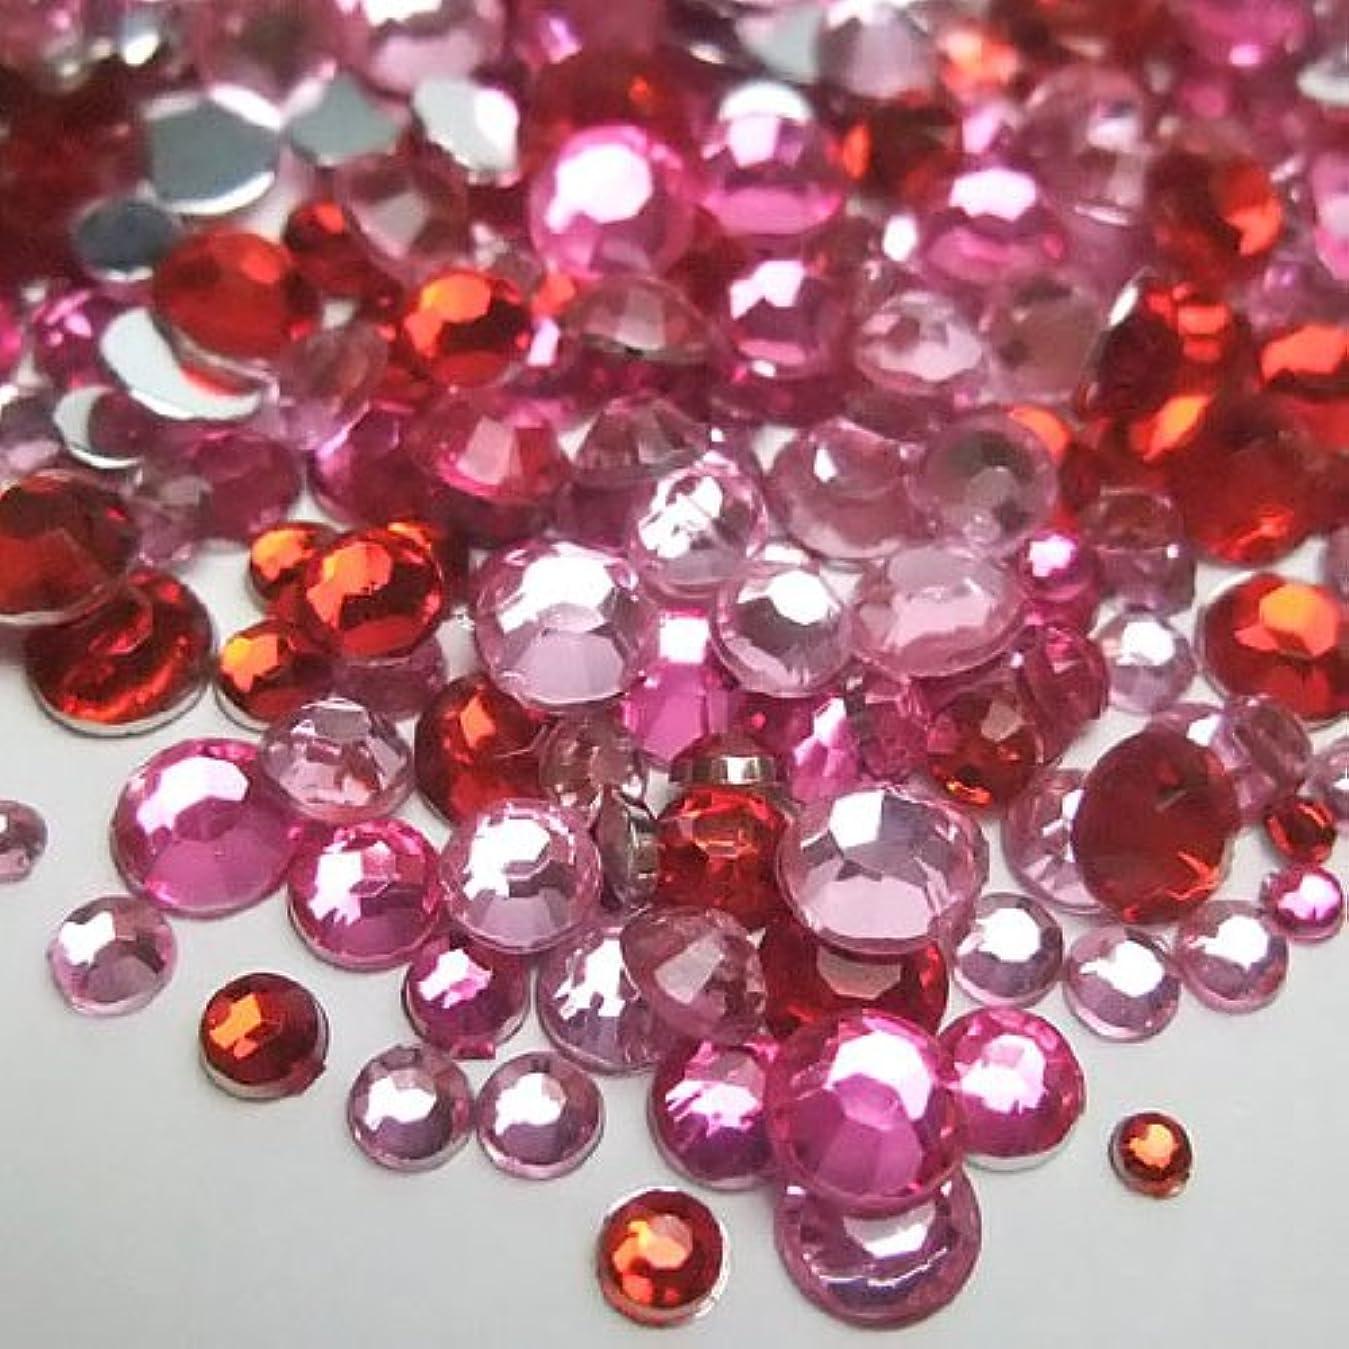 天の可動式パテ高品質アクリルストーン ラインストーン MIXパック 約1000粒入り ピンク系